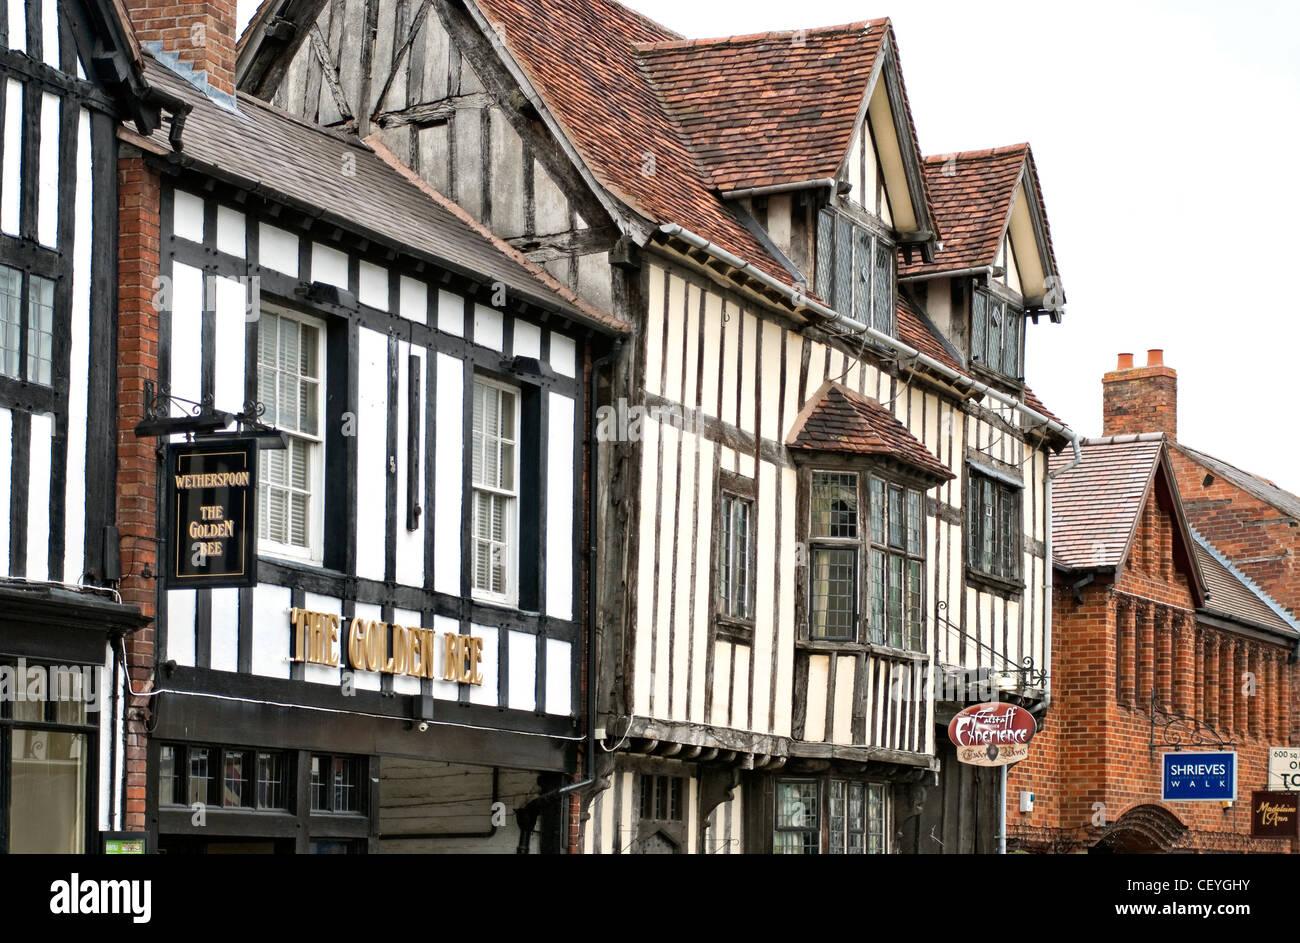 Falstaff-Erfahrung in Stratford-upon-Avon, eine preisgekrönte Besucherattraktion, die im 16. Jahrhundert zum Stockbild